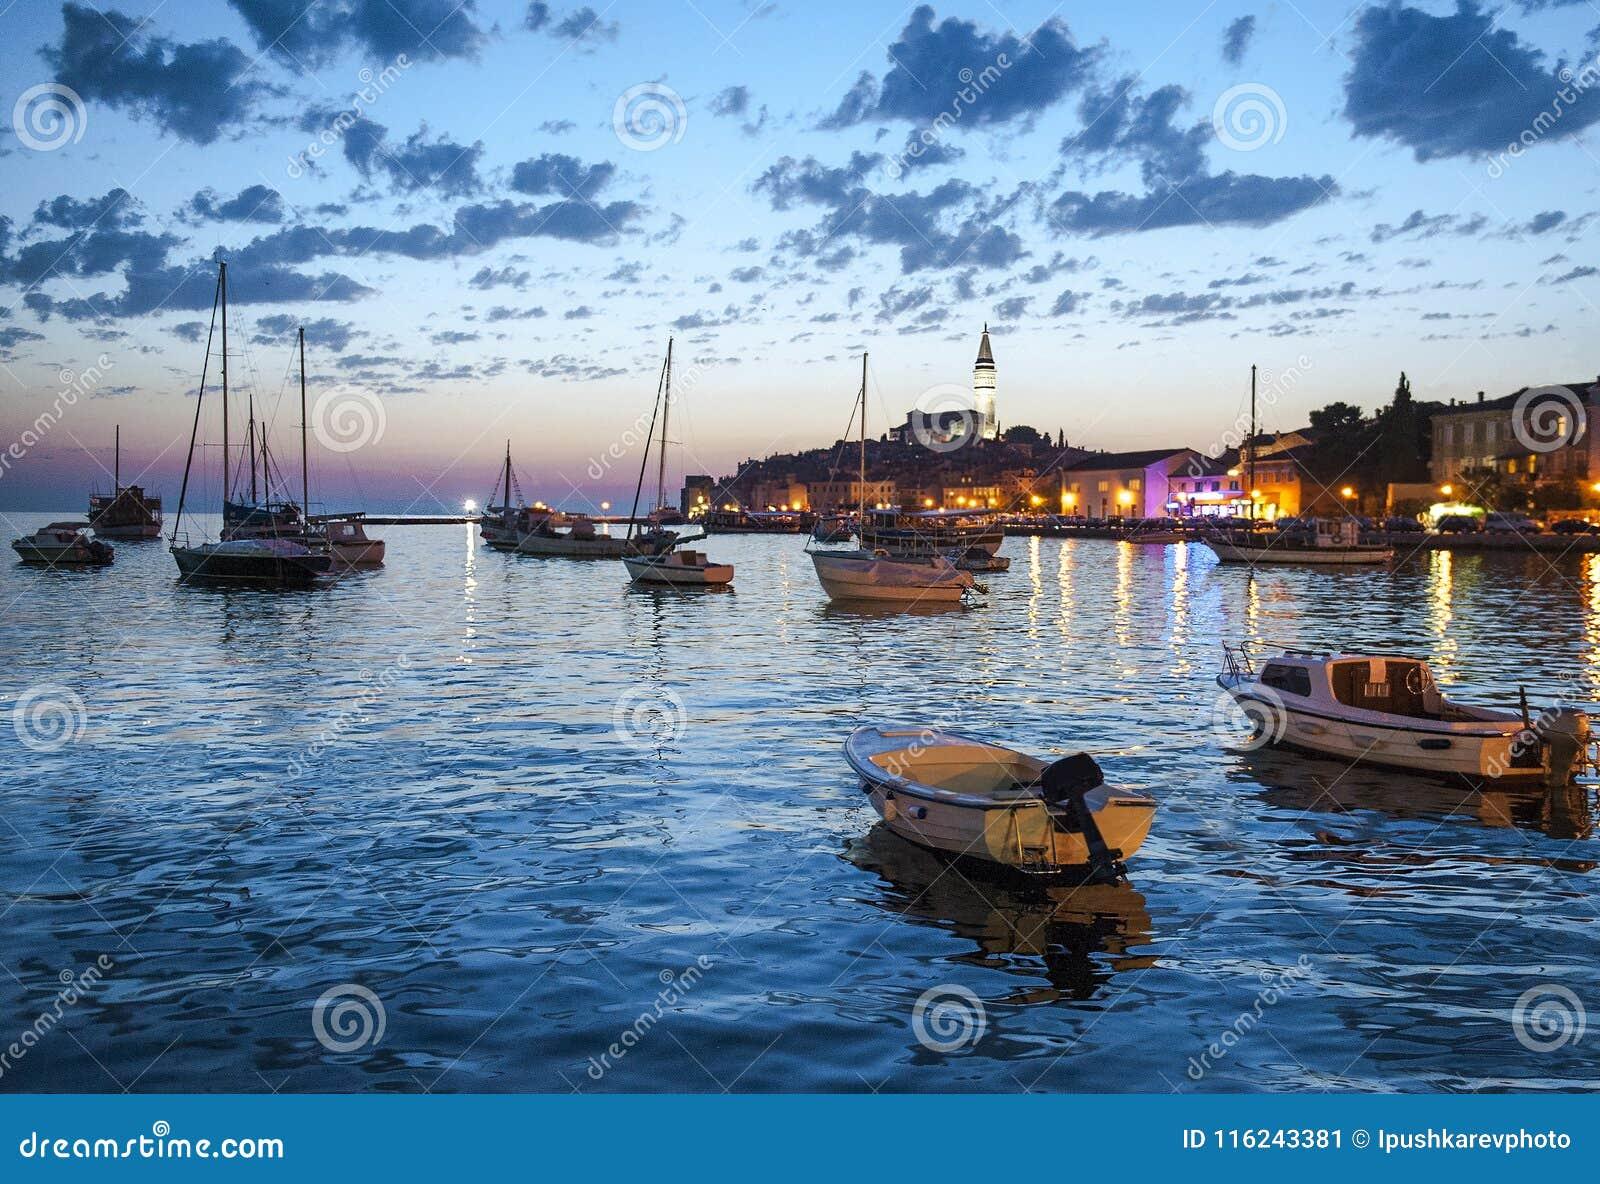 Взгляд ночи красивого городка Rovinj в Istria, Хорватии Вечер в старом хорватском городе, сцена ночи с отражениями воды